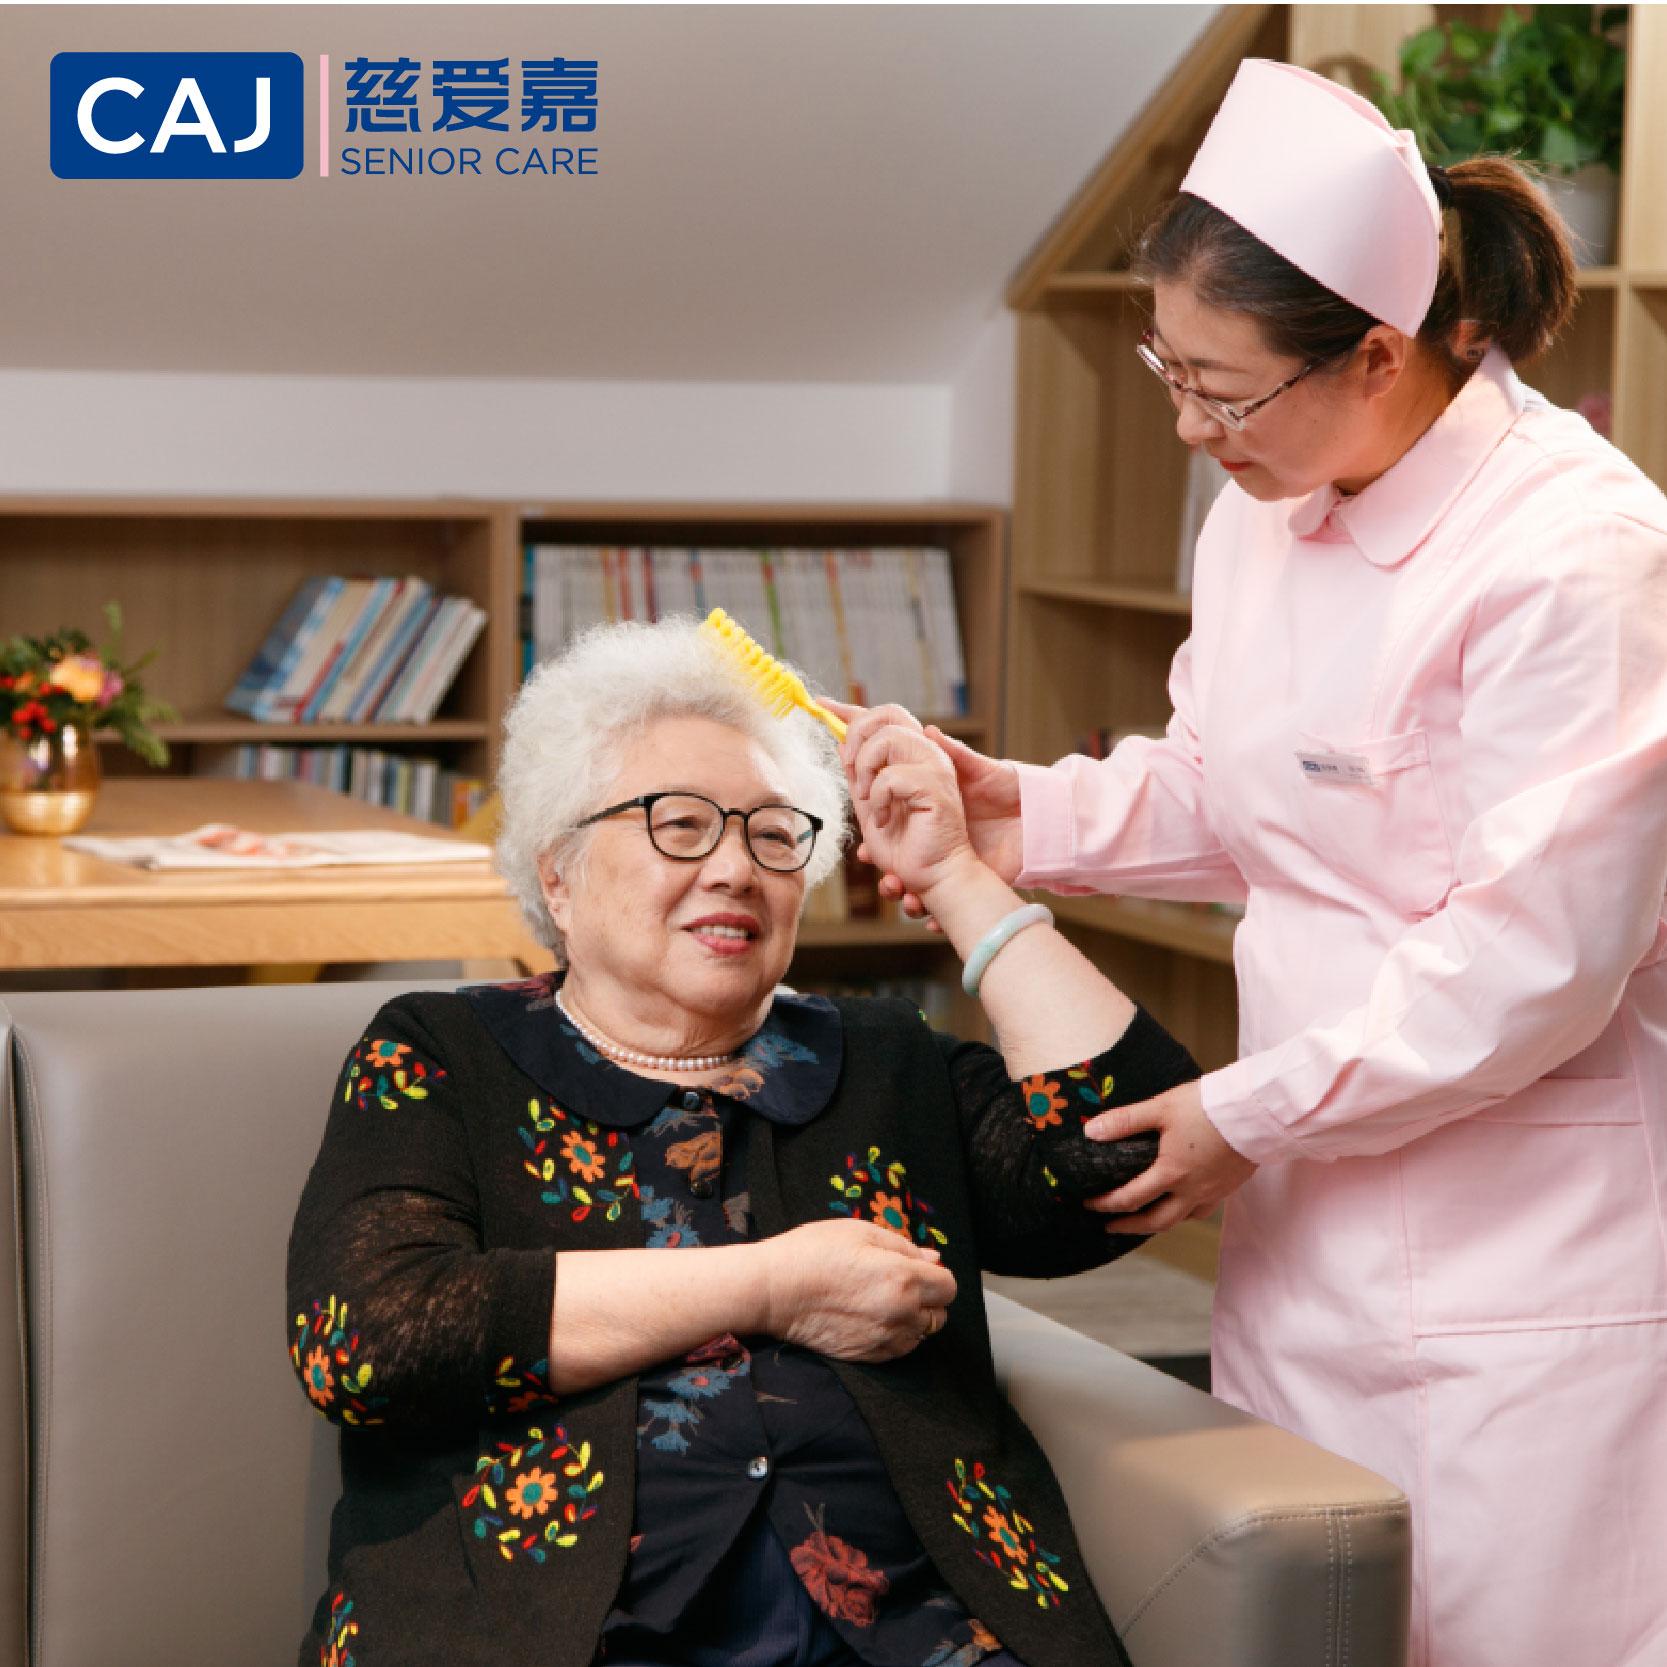 老年人自理能力训练与指导